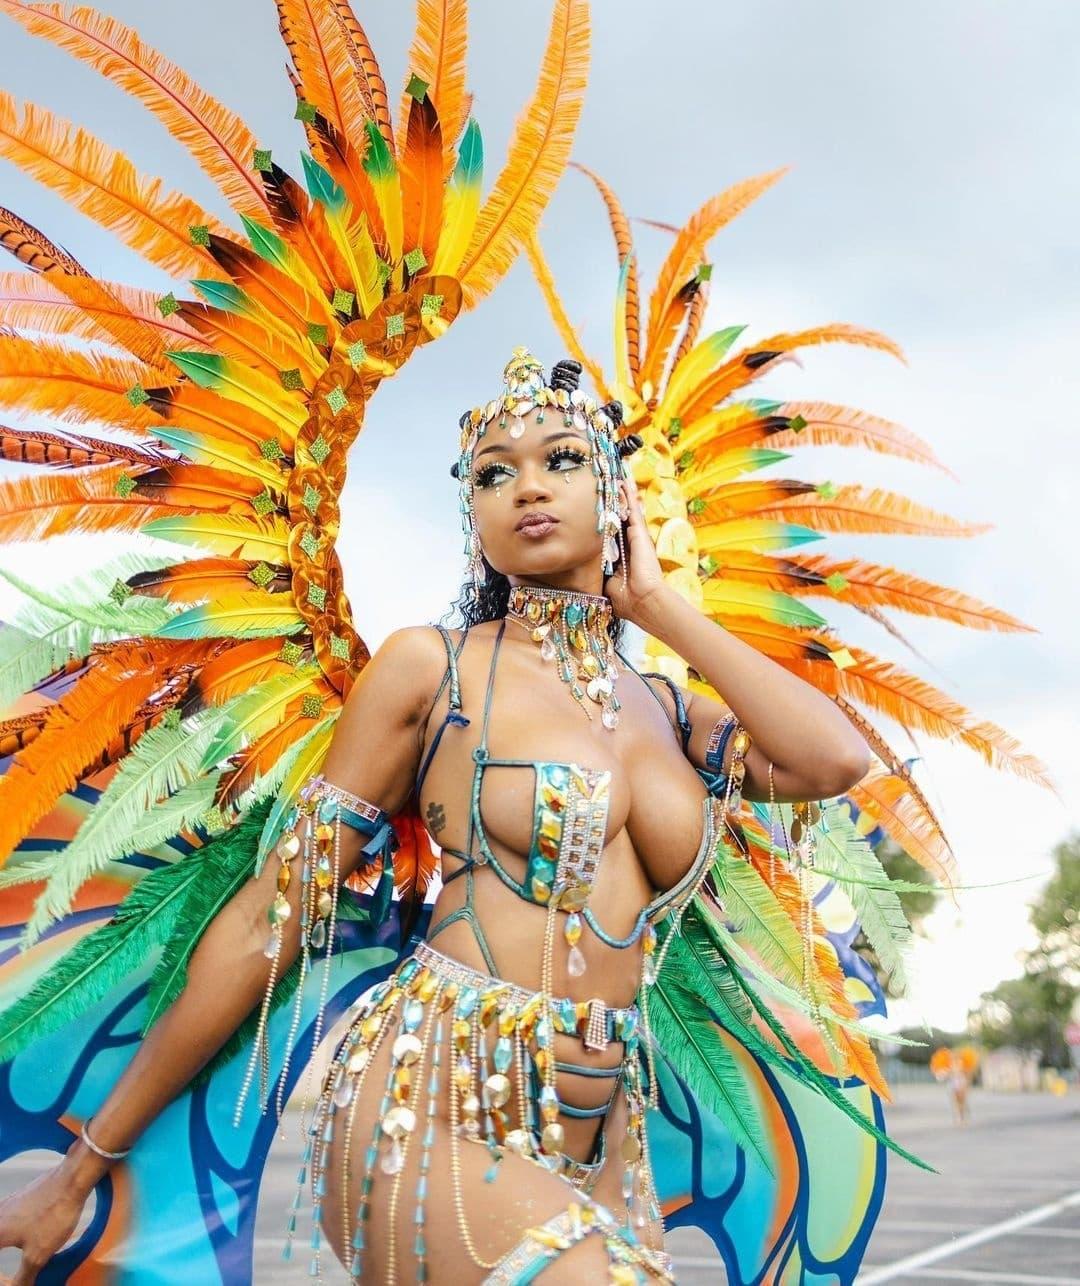 miami-carnival-2021-3.jpg